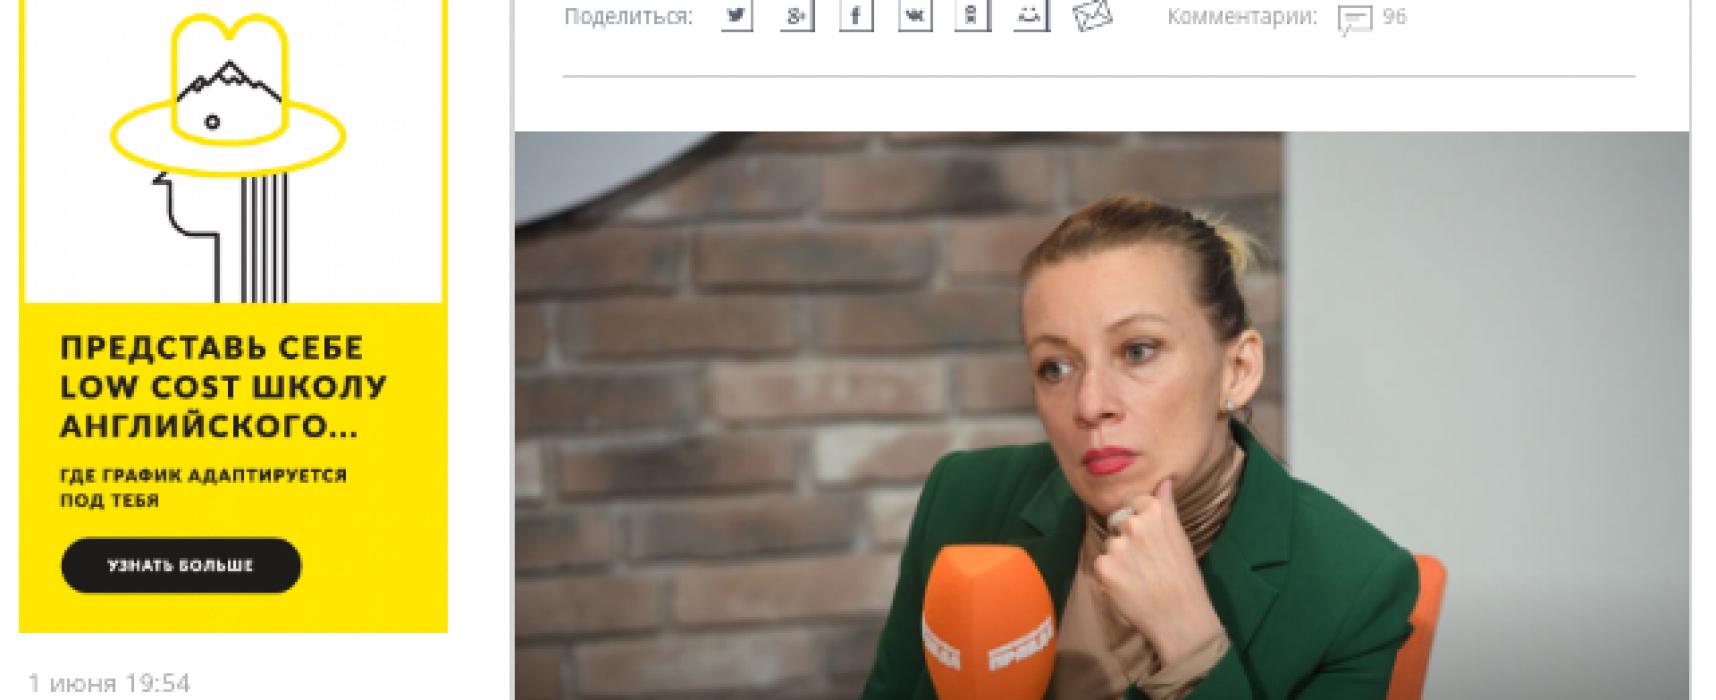 """Mluvčí ruského ministerstva zahraničí označila anexi Krymu za """"vrcholný příklad demokracie"""""""